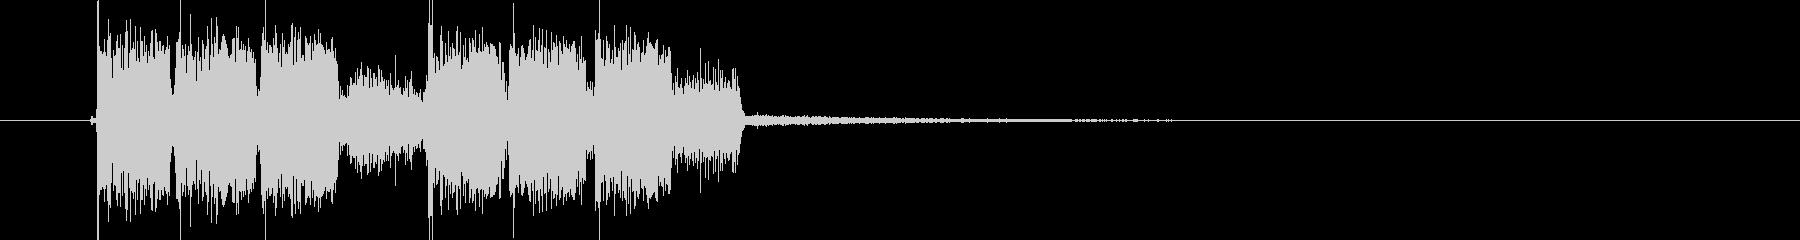 ジャジャジャン(ジングル、転換音)の未再生の波形